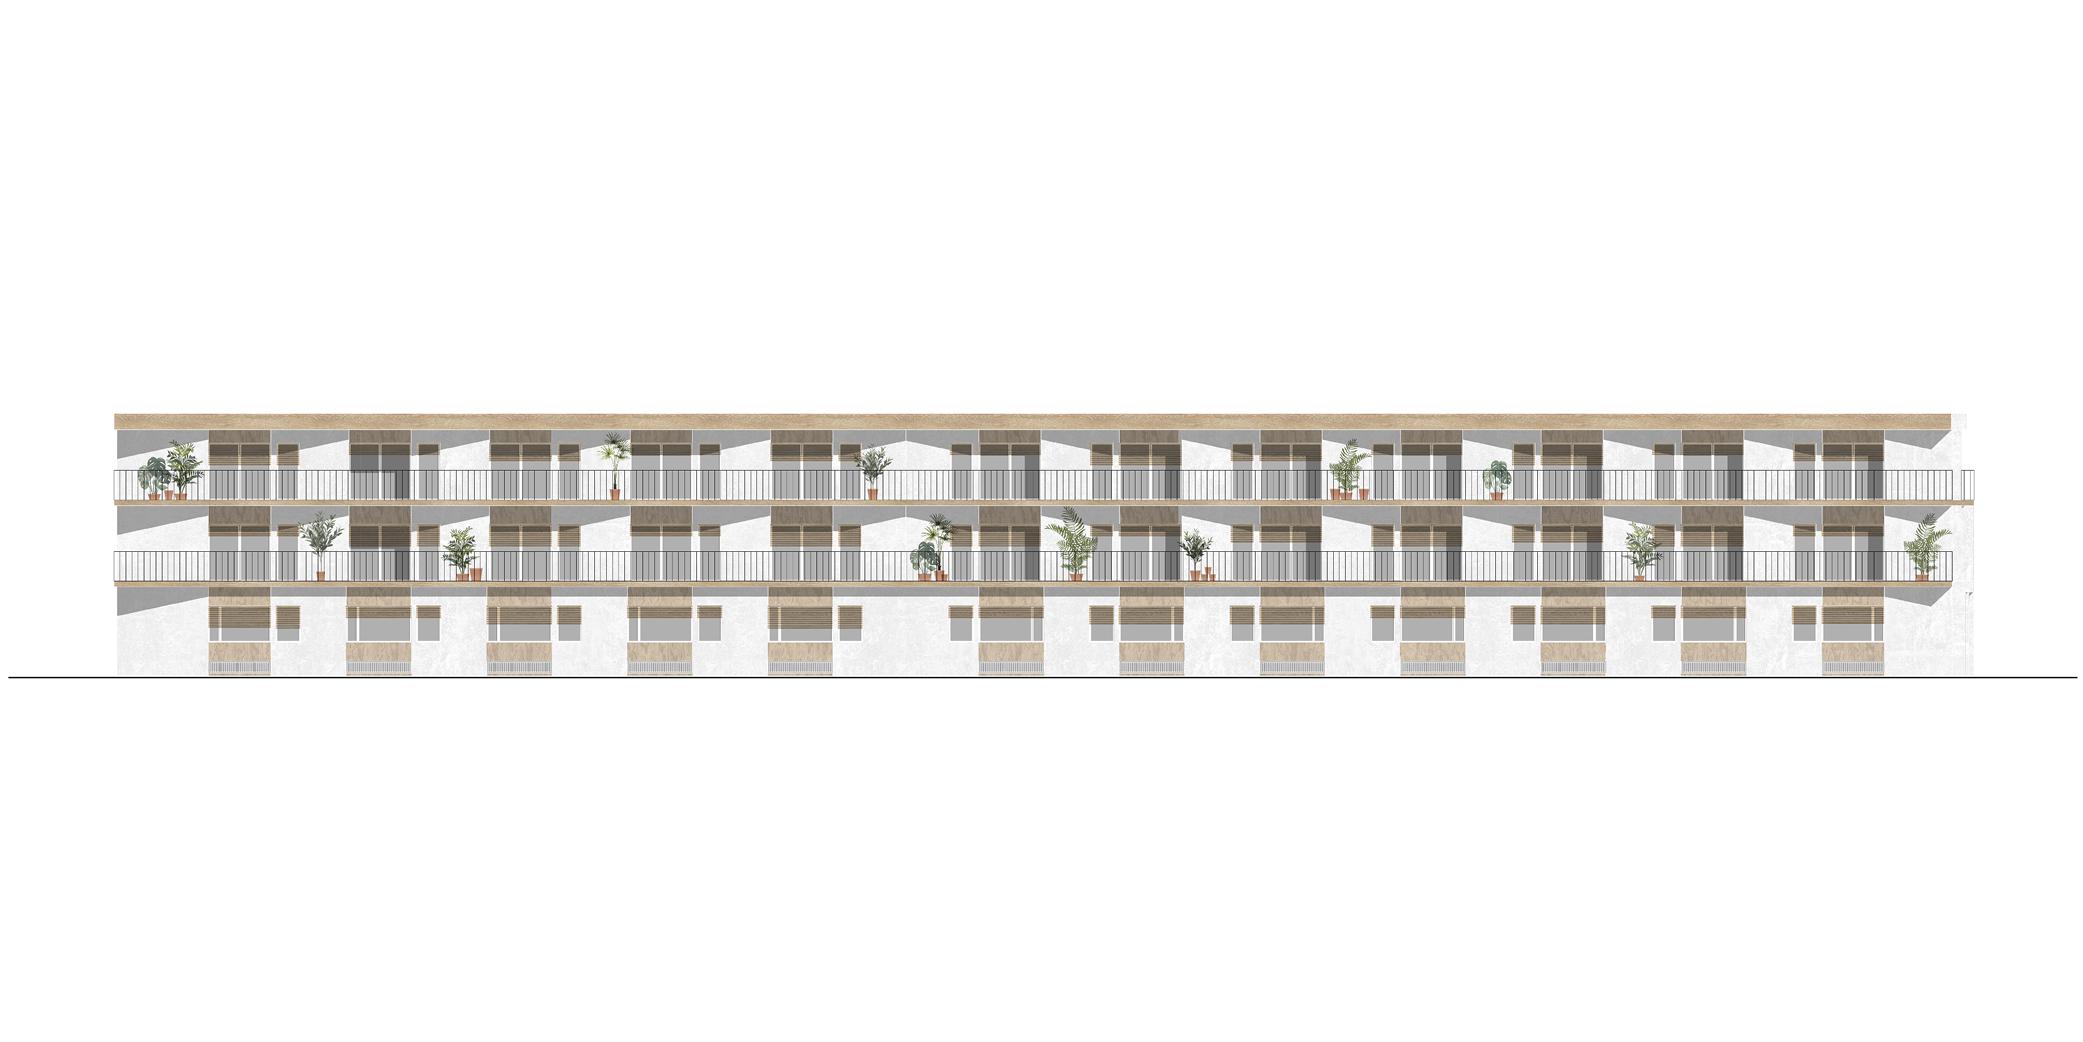 OCA architects competition viviendas de protección pública en Palma y Marratxí Hernan Lleida Bernardo Garcia Eduard Mosieienkov Yana Stepankova2